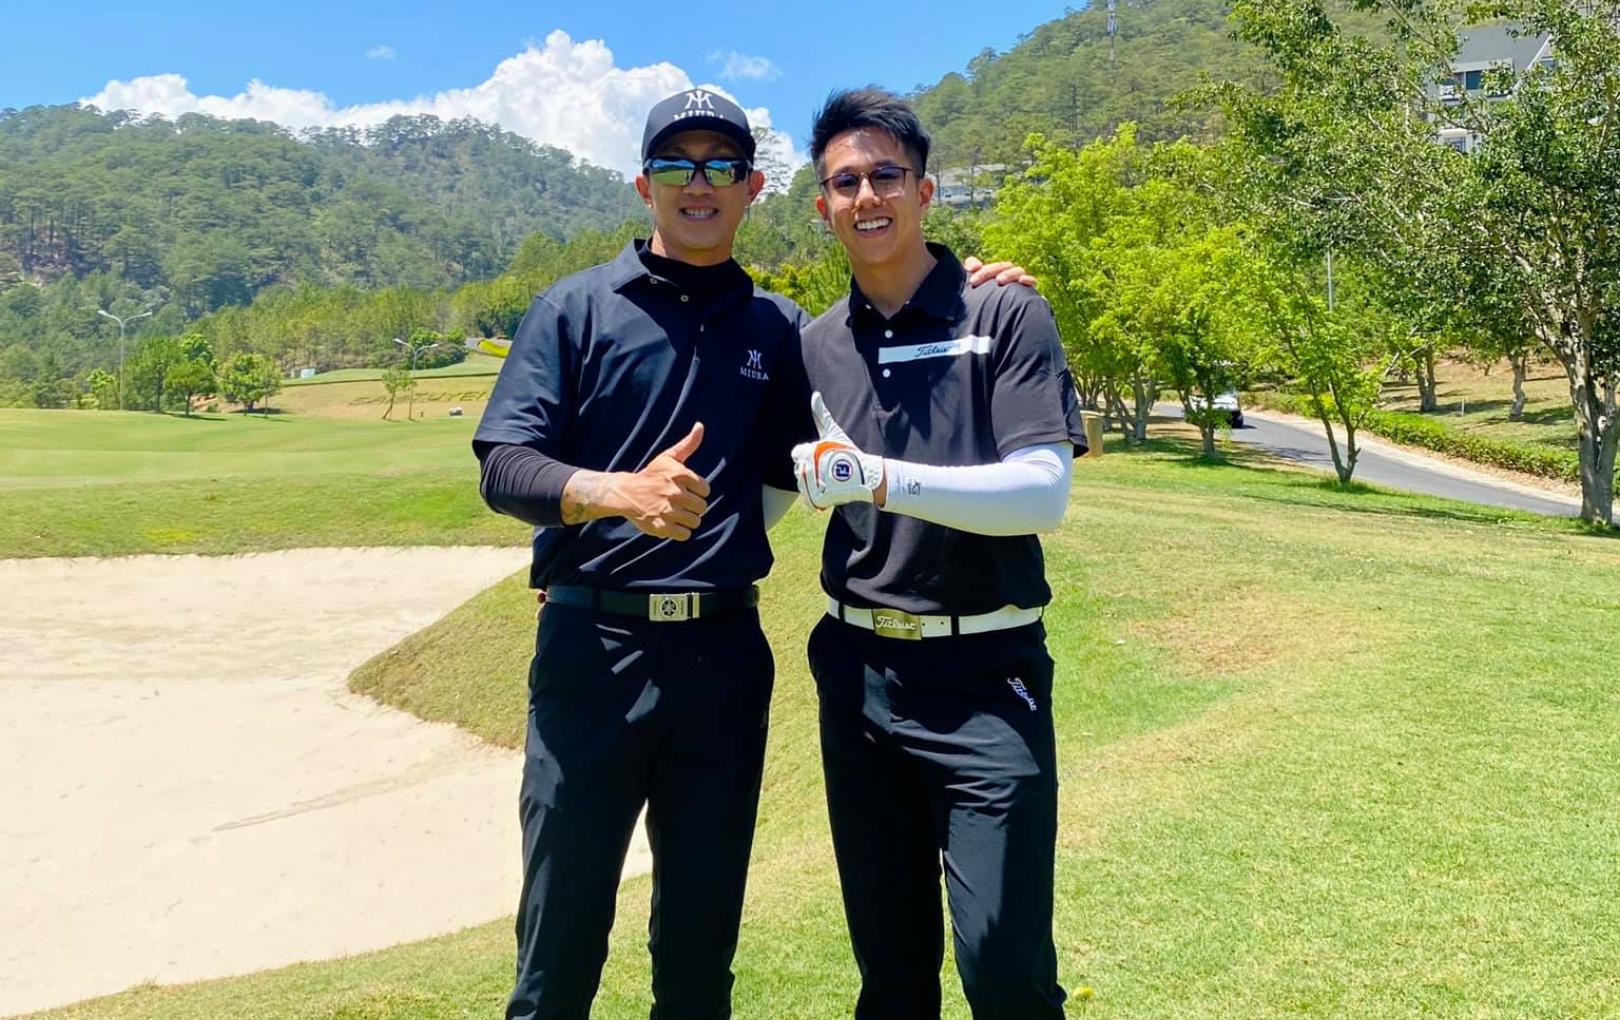 Matt Liu đi chơi golf cùng bạn trai cũ Hương Giang giữa nghi vấn chia tay nàng Hậu